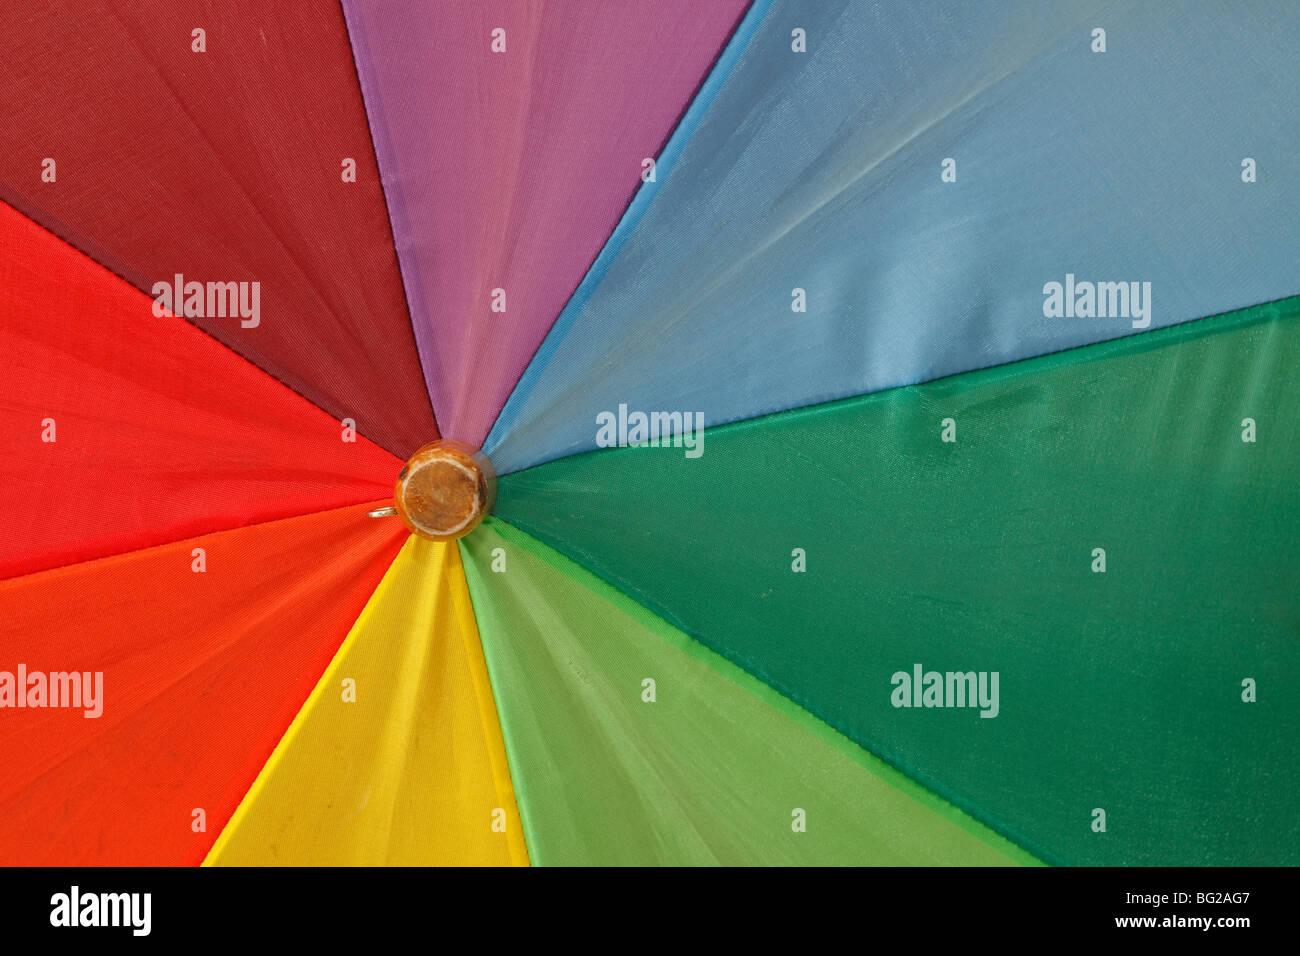 Hochauflösende Nahaufnahmen gedreht der Schirm in Regenbogenfarben Stockbild